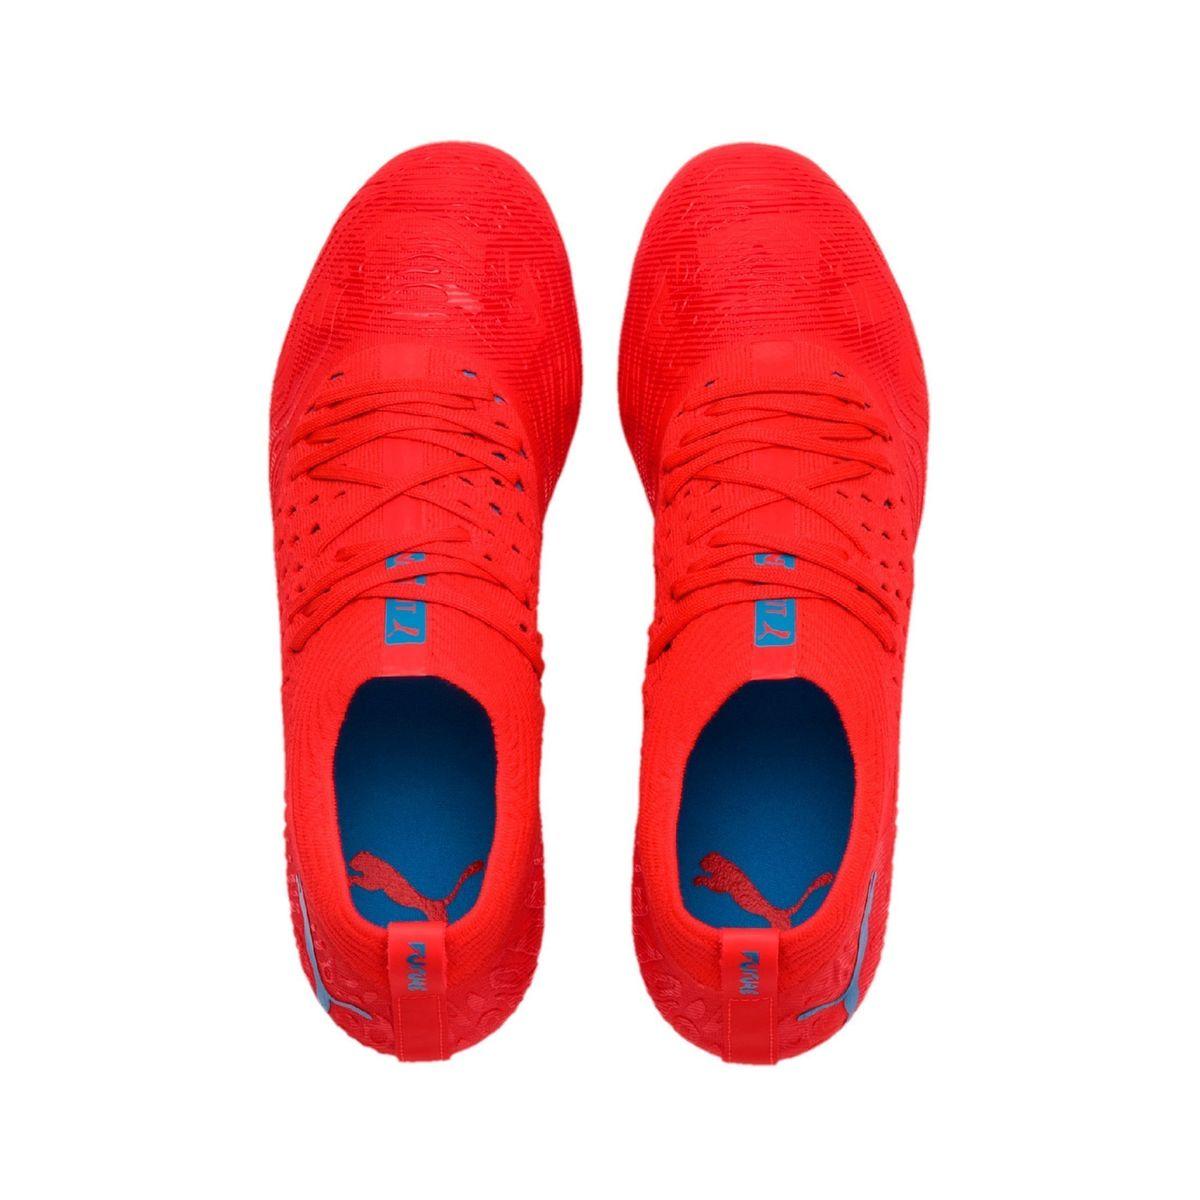 chaussures de foot puma future bleu